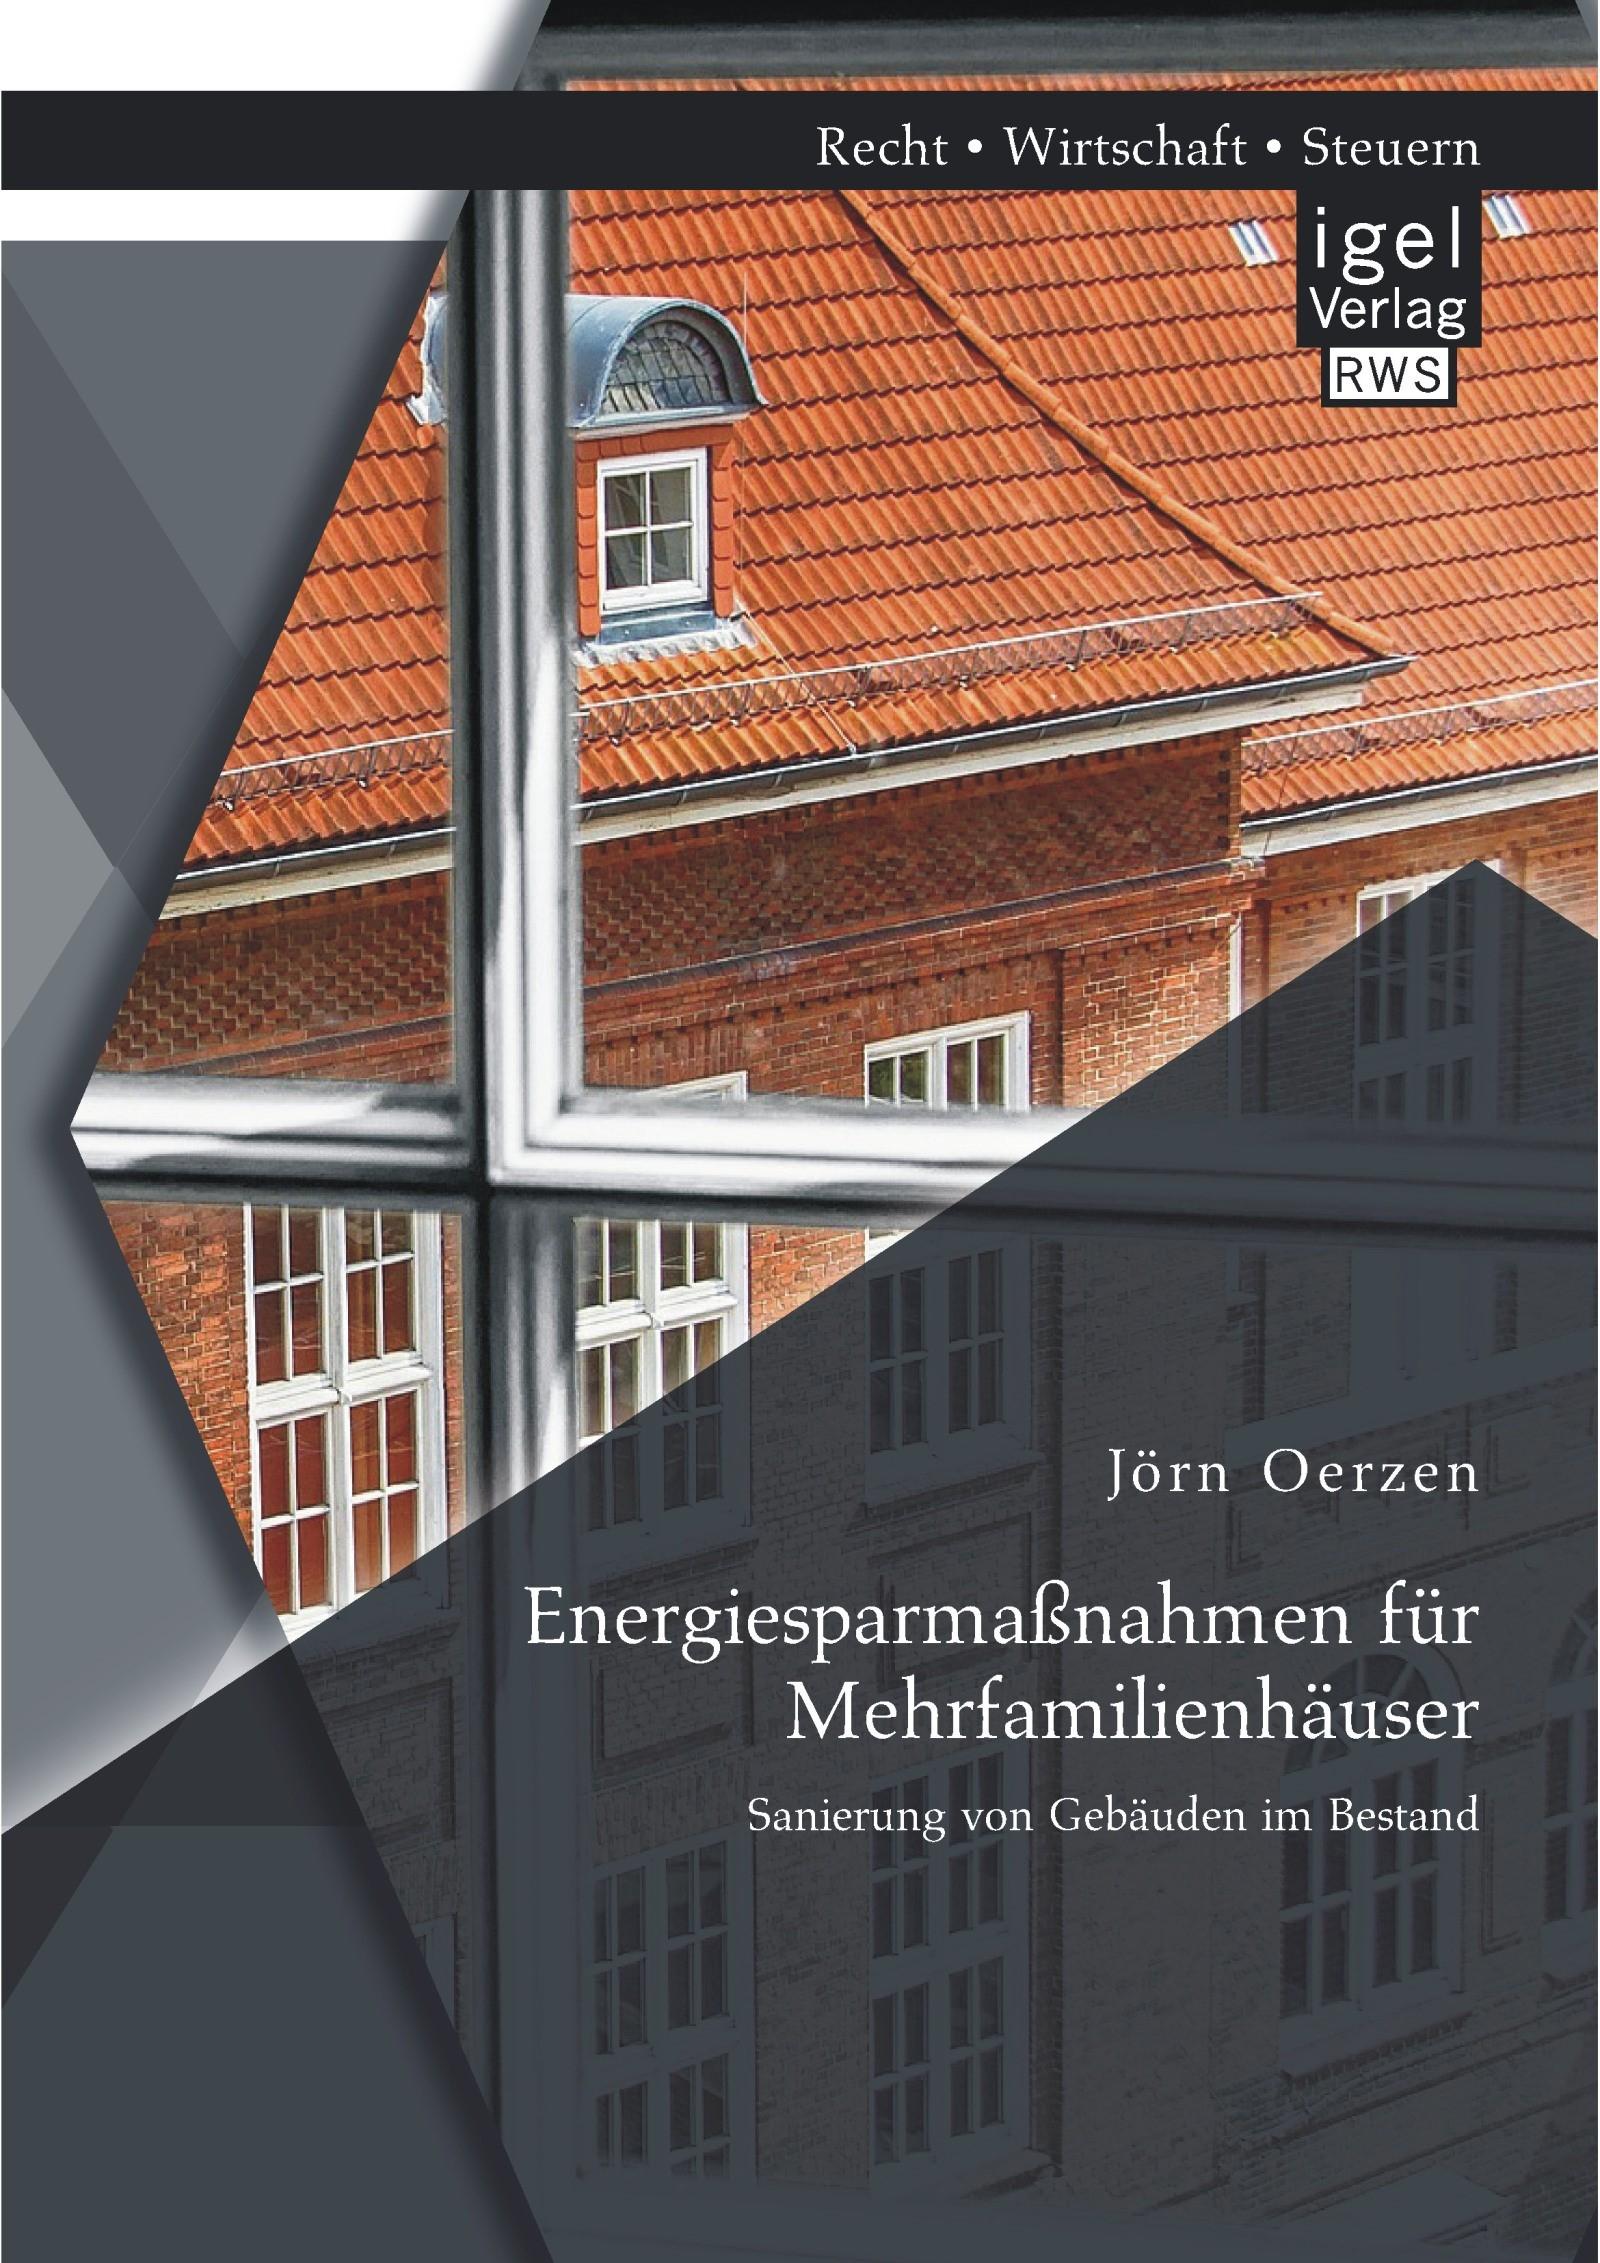 Energiesparmaßnahmen für Mehrfamilienhäuser: Sanierung von Gebäuden im Bestand   Oerzen   Erstauflage, 2014   Buch (Cover)